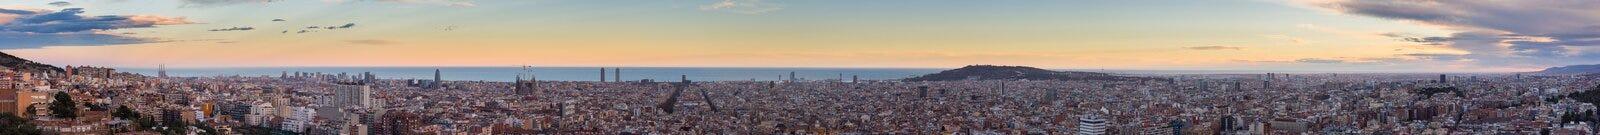 Vista di panorama di Barcellona dal parco Guell nel giorno soleggiato nell'inverno Immagine di alta risoluzione spain Immagine Stock